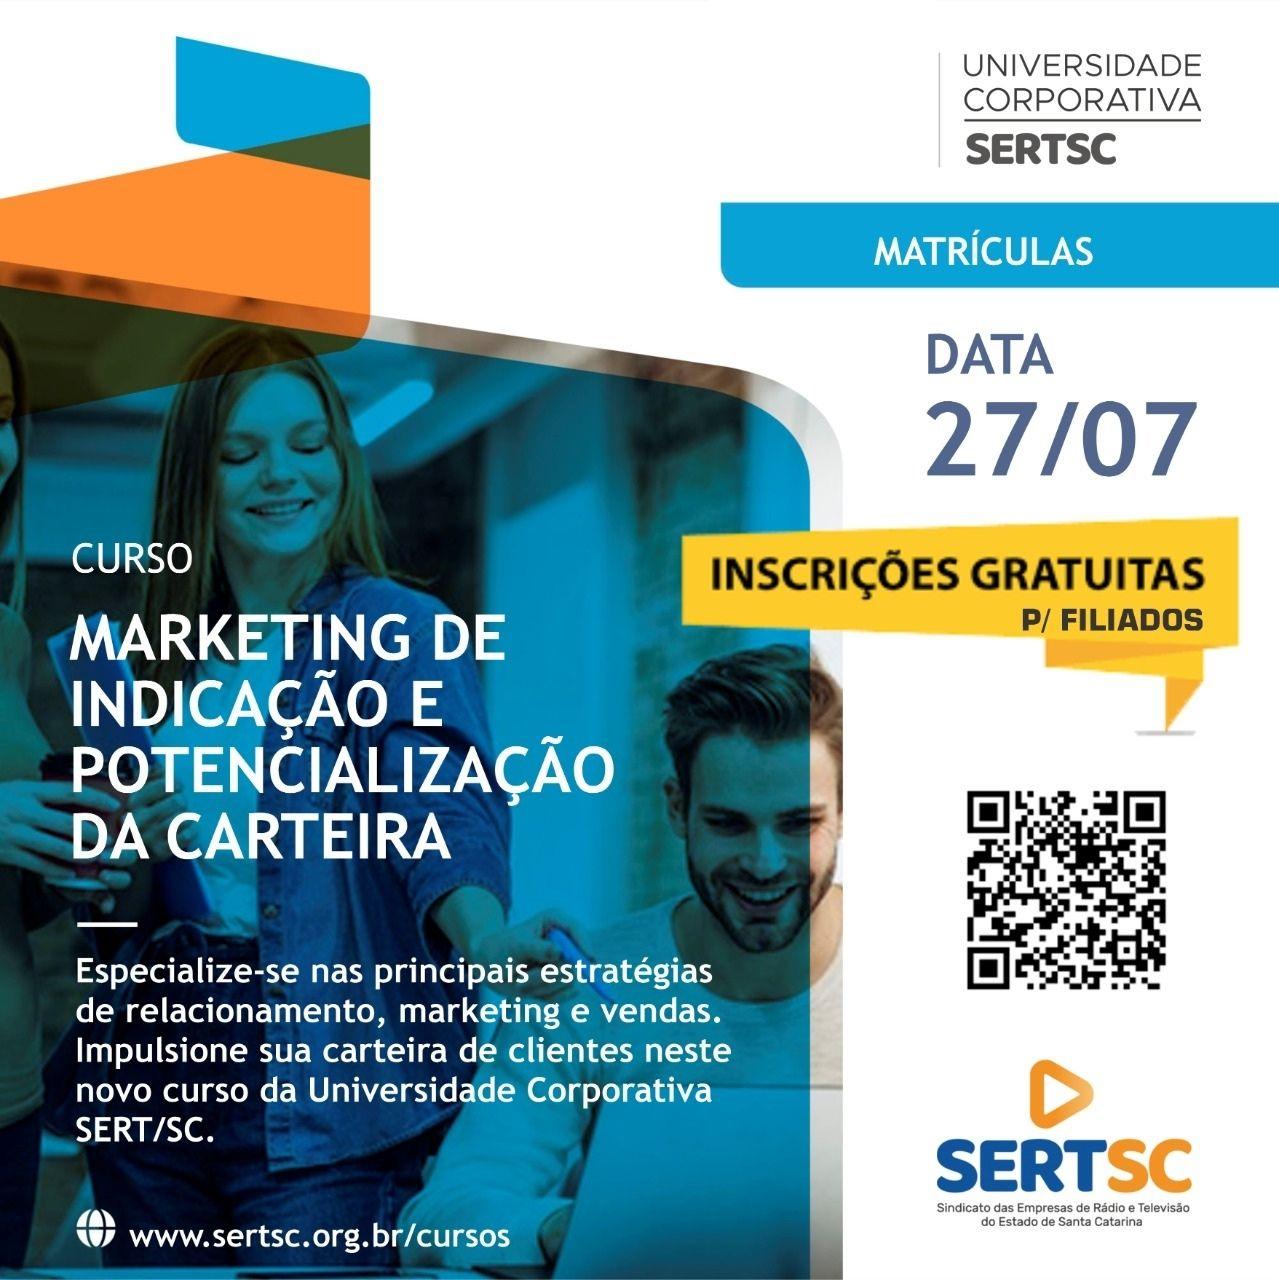 SERT/SC lança curso on-line sobre marketing de indicação